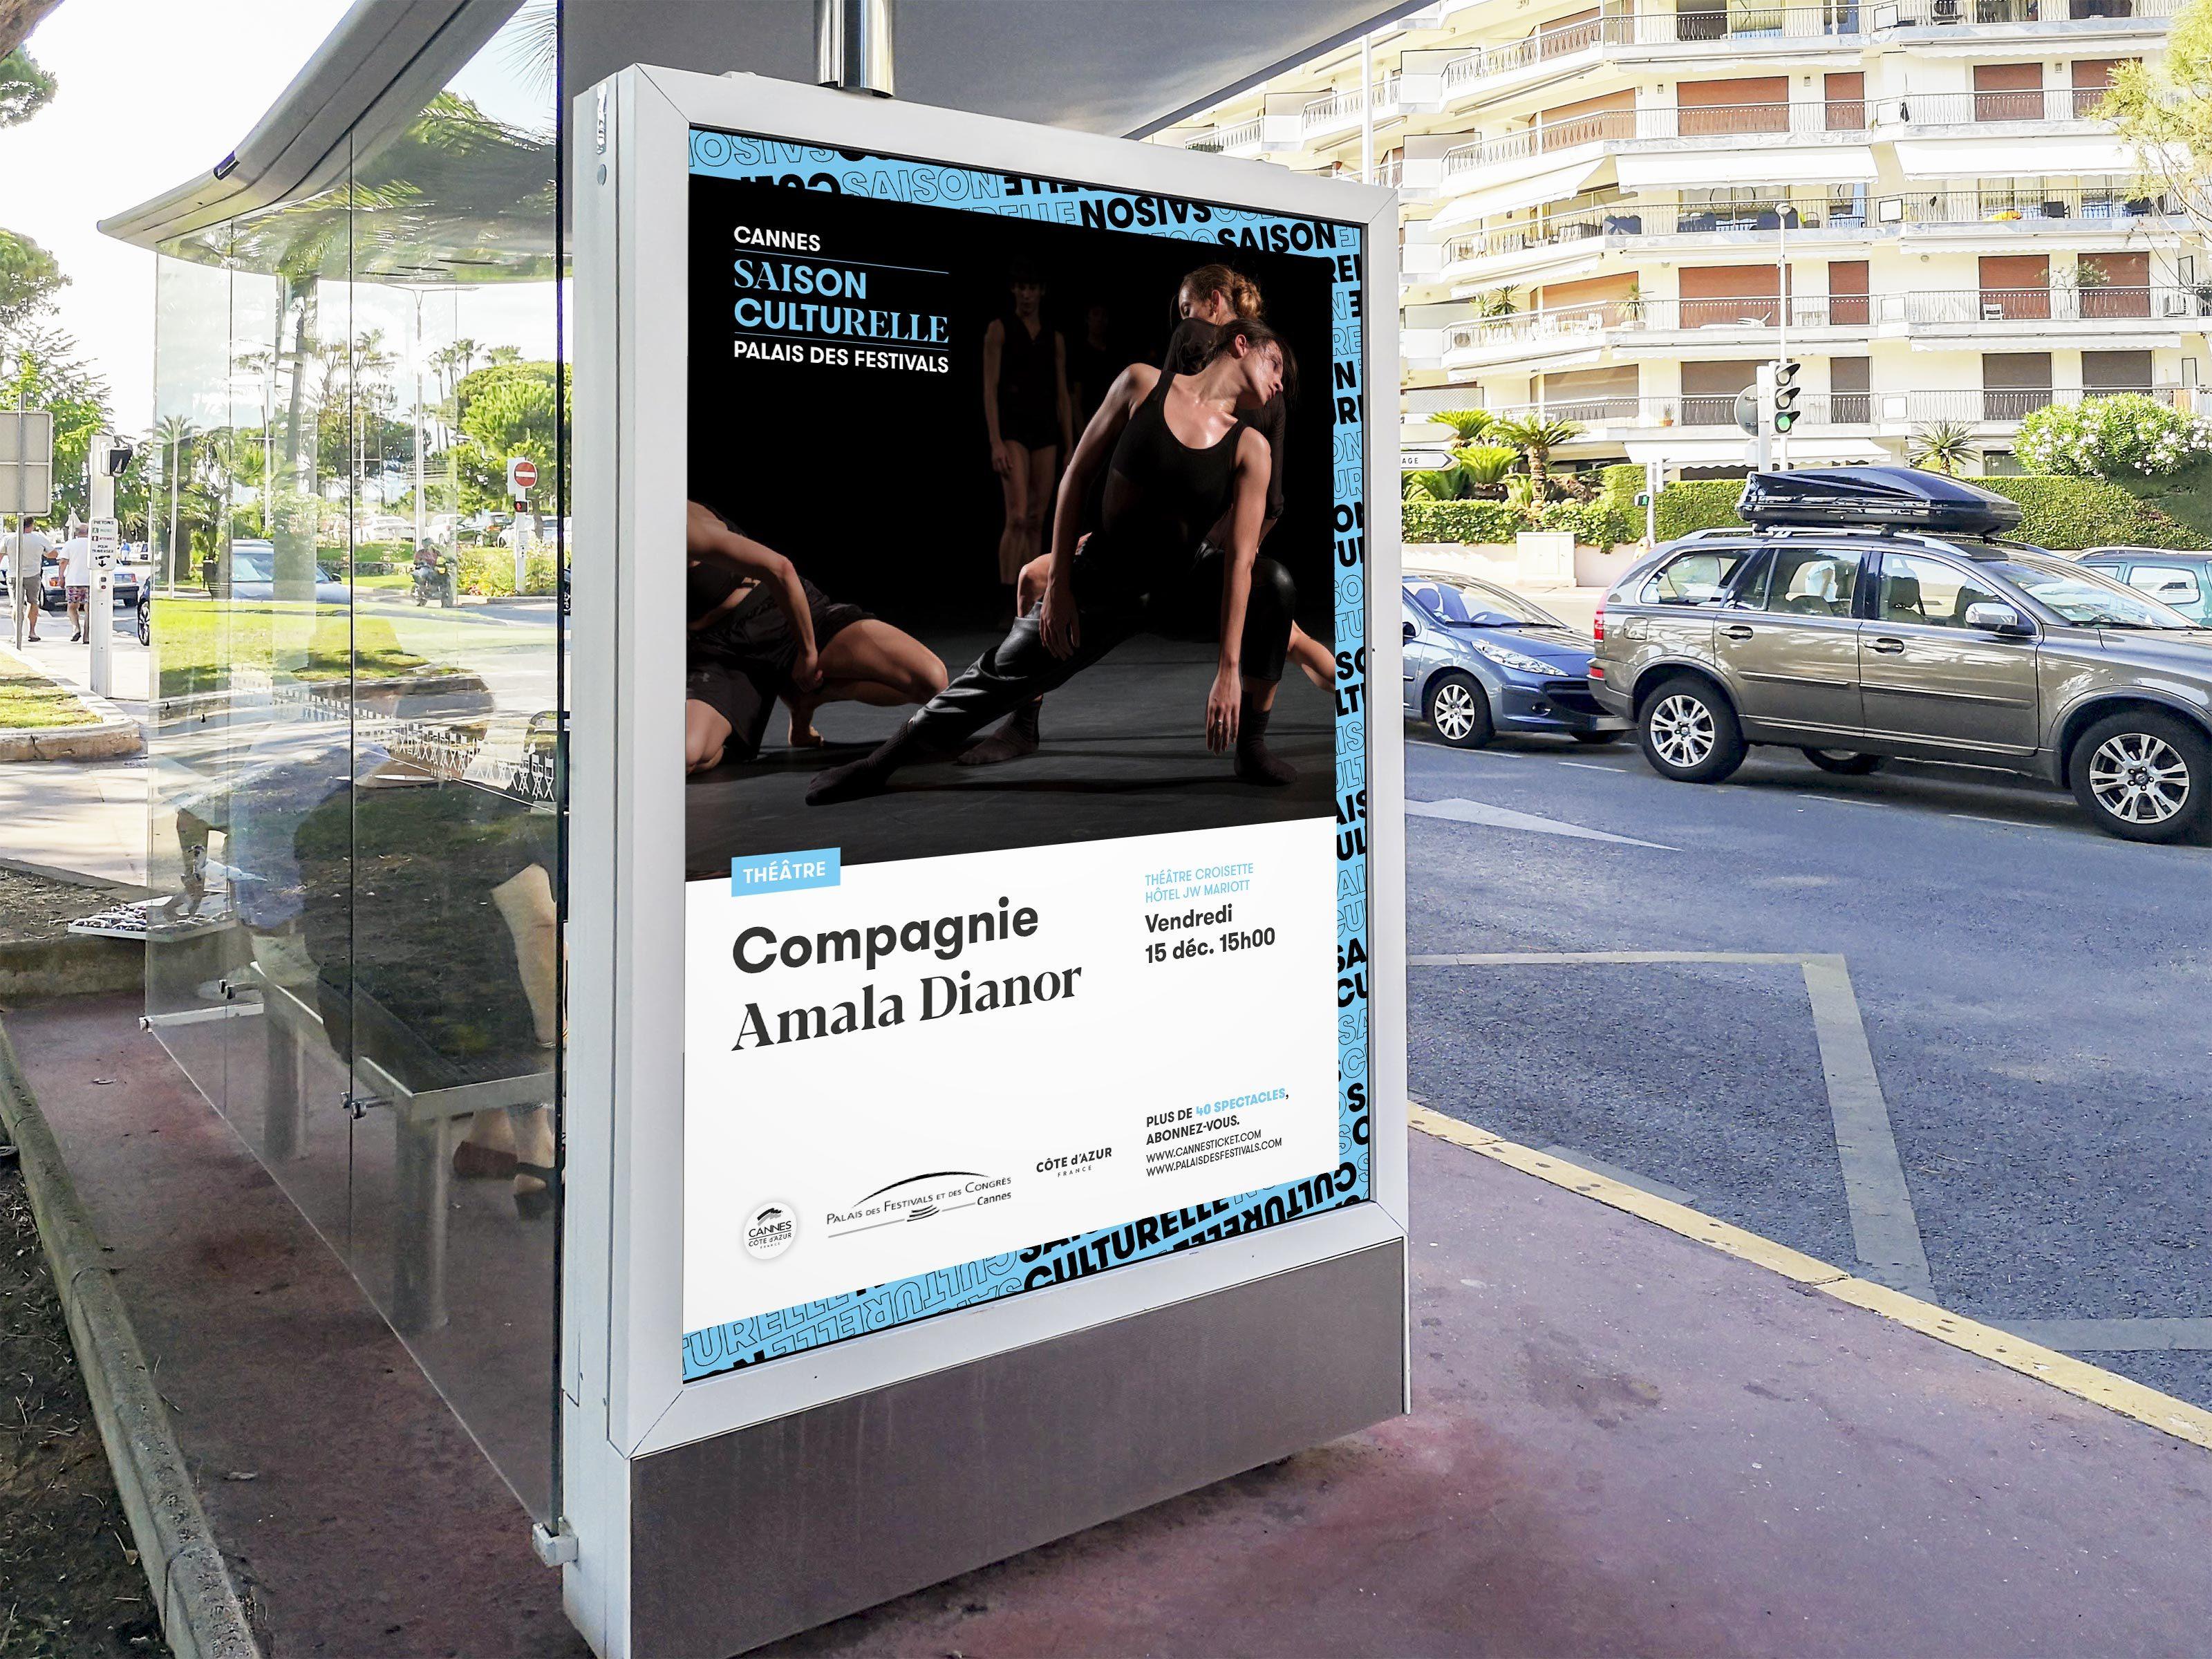 Palais Da Saison Culturelle Abris Bus Cannes 3